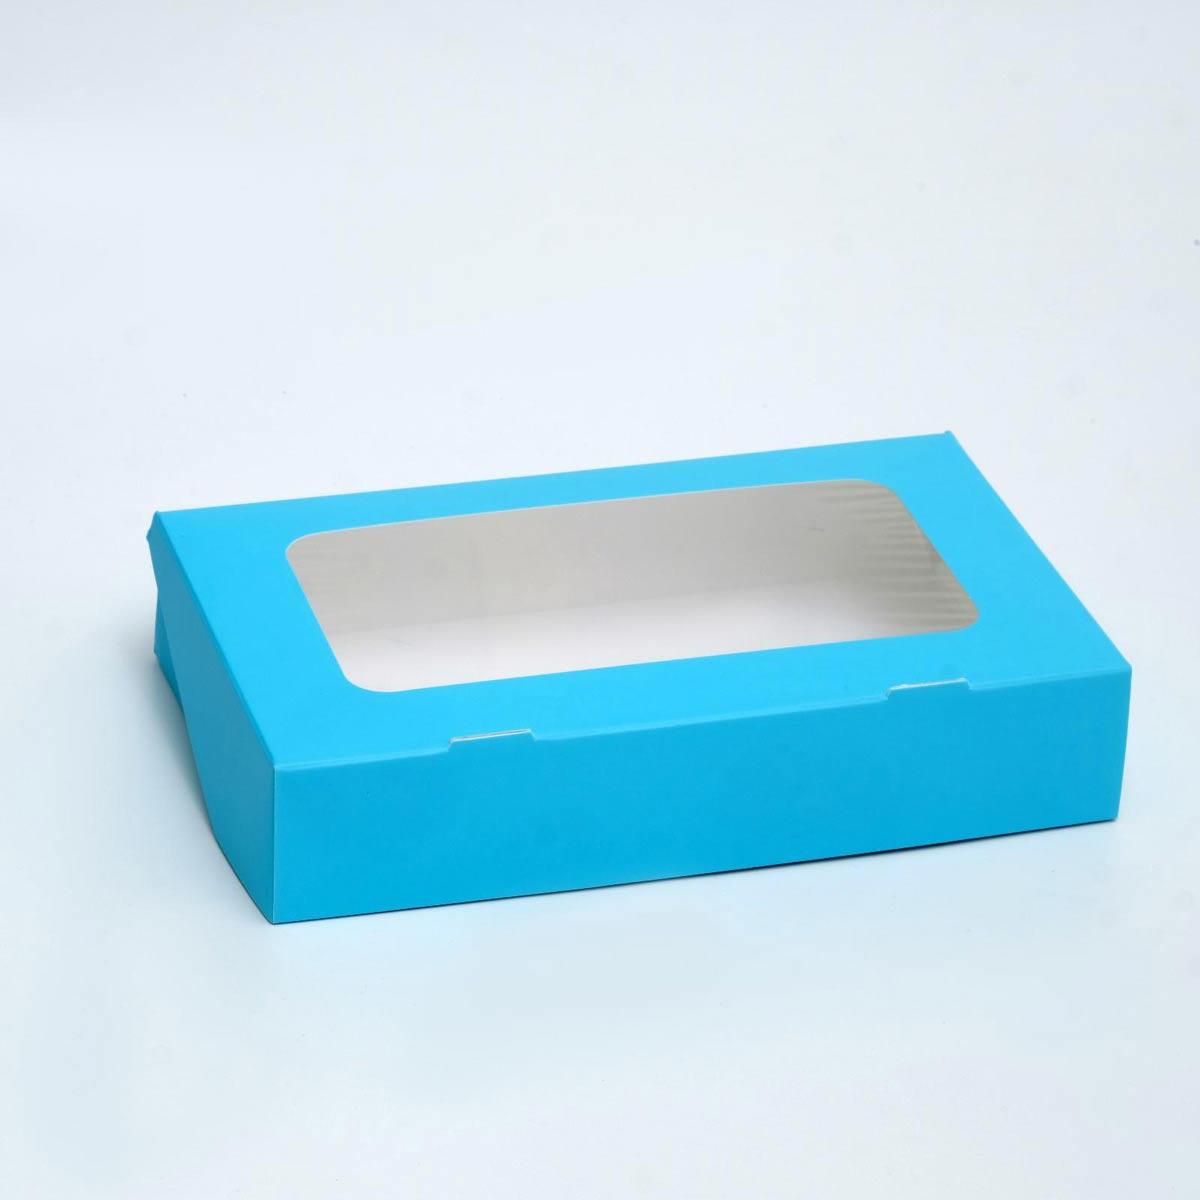 4823071 Контейнер голубой, 20*12*4 см